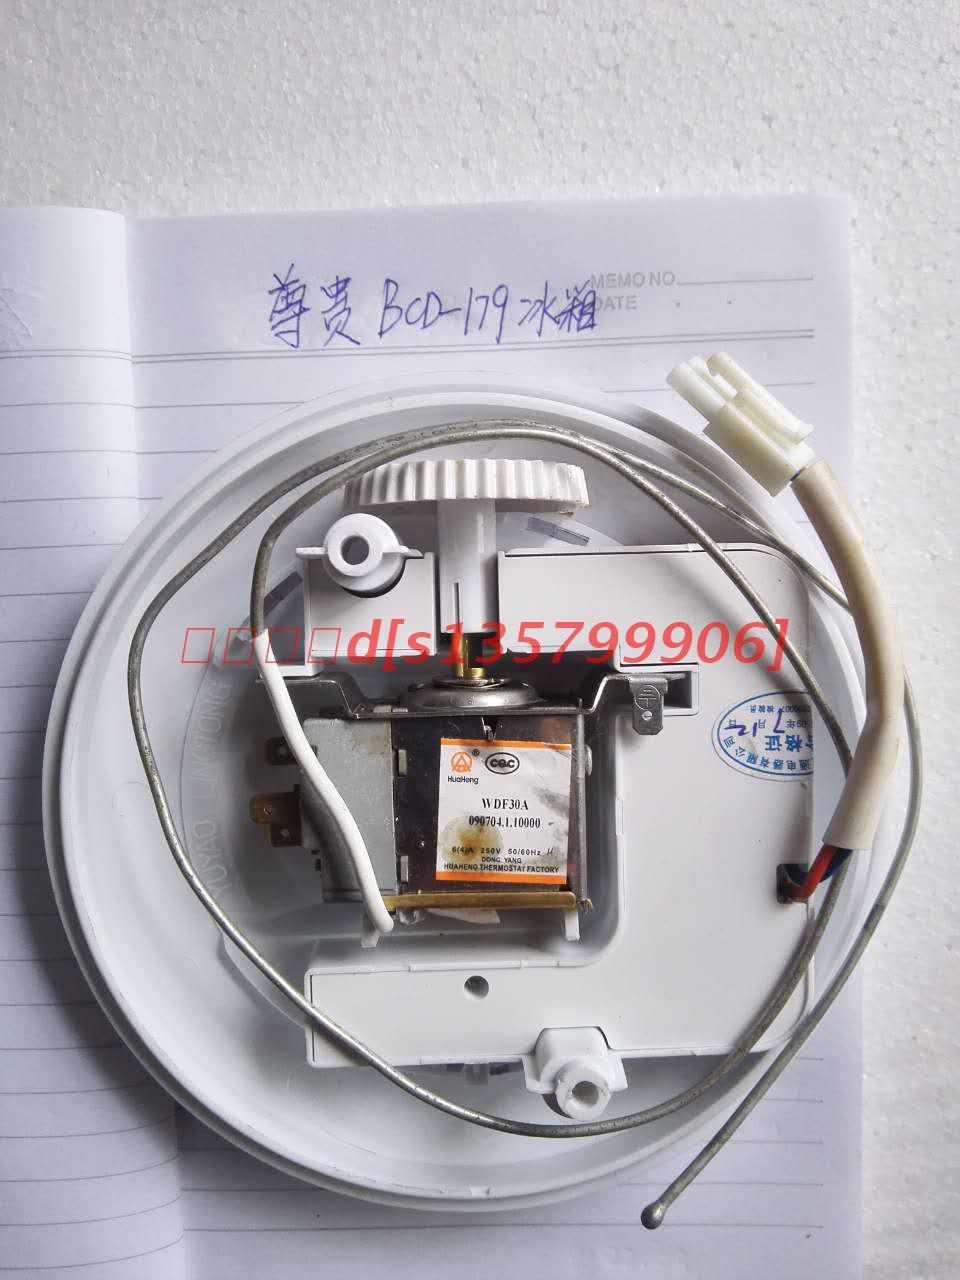 Ehre BCD-179 kühlschrank Original - zubehör türangel türangel pivot - kunststoff - thermostat Lampe türdichtungen